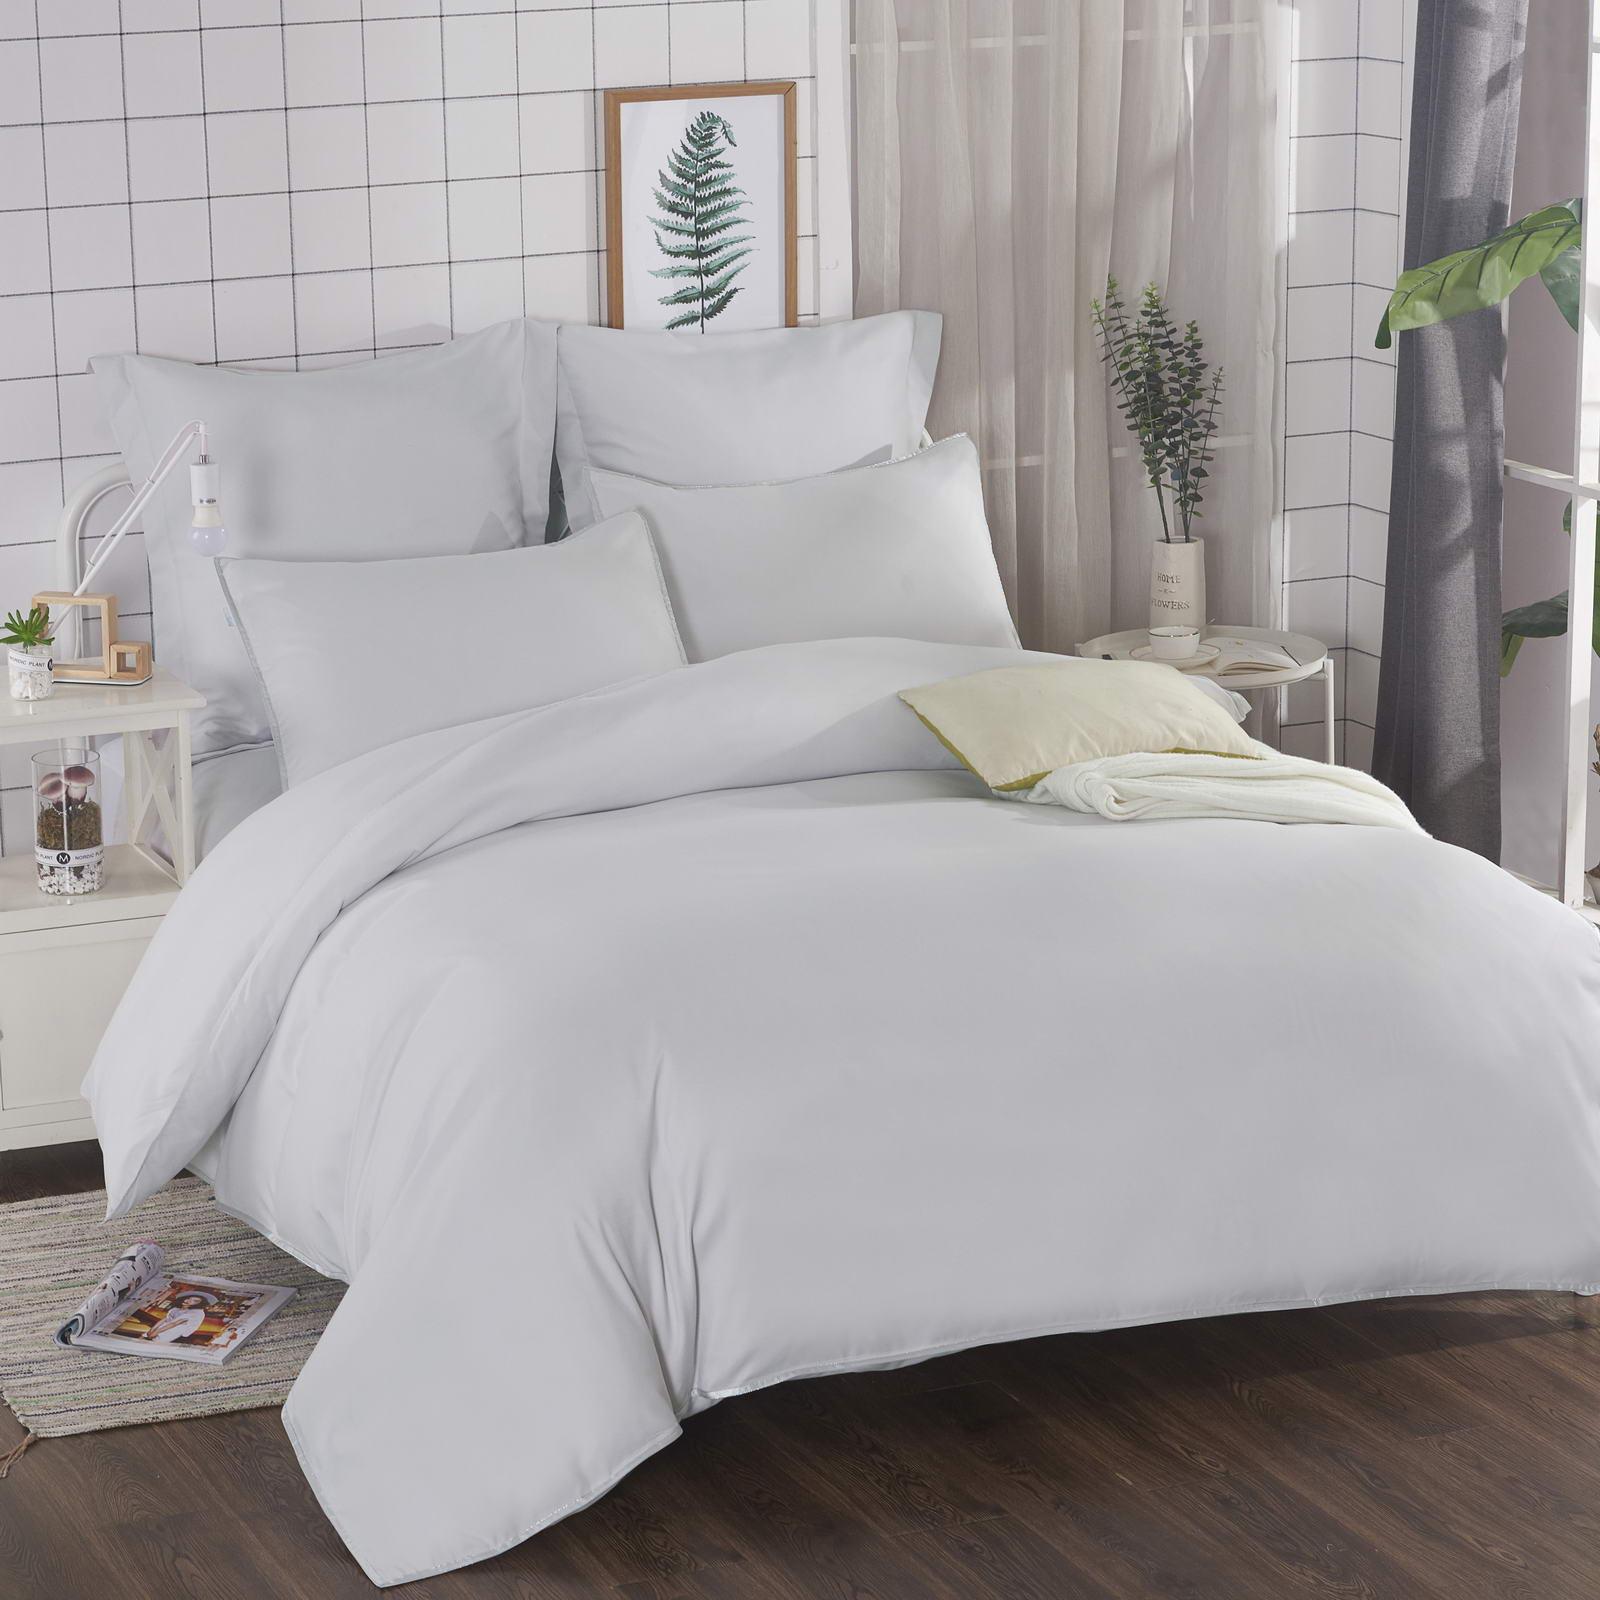 Комплект постельного белья Sofi De Marko Шедоу Двуспальный евро (ЕВРО-Ш-№10)